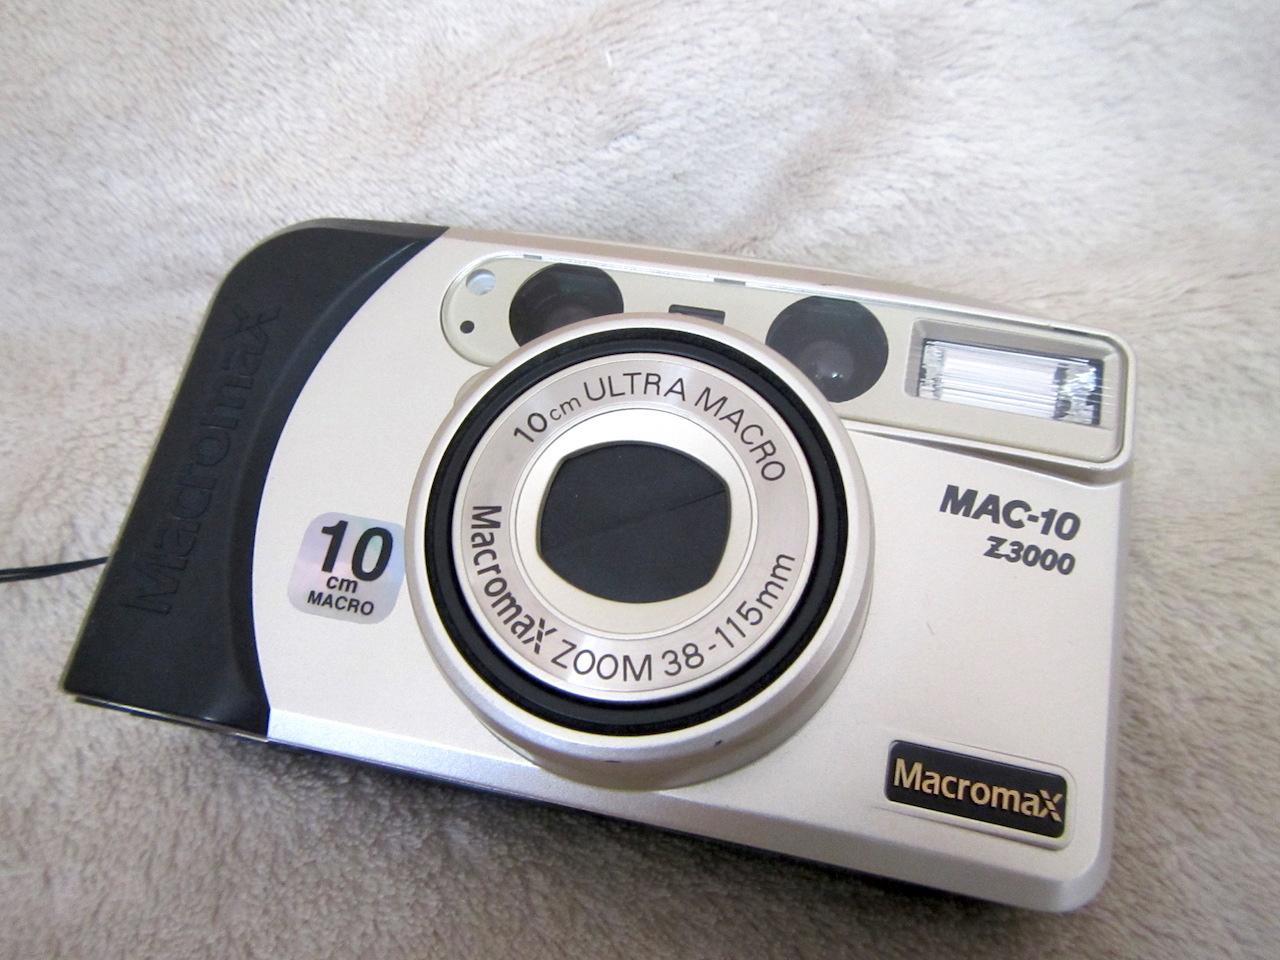 Macromax Mac-10 Z3000